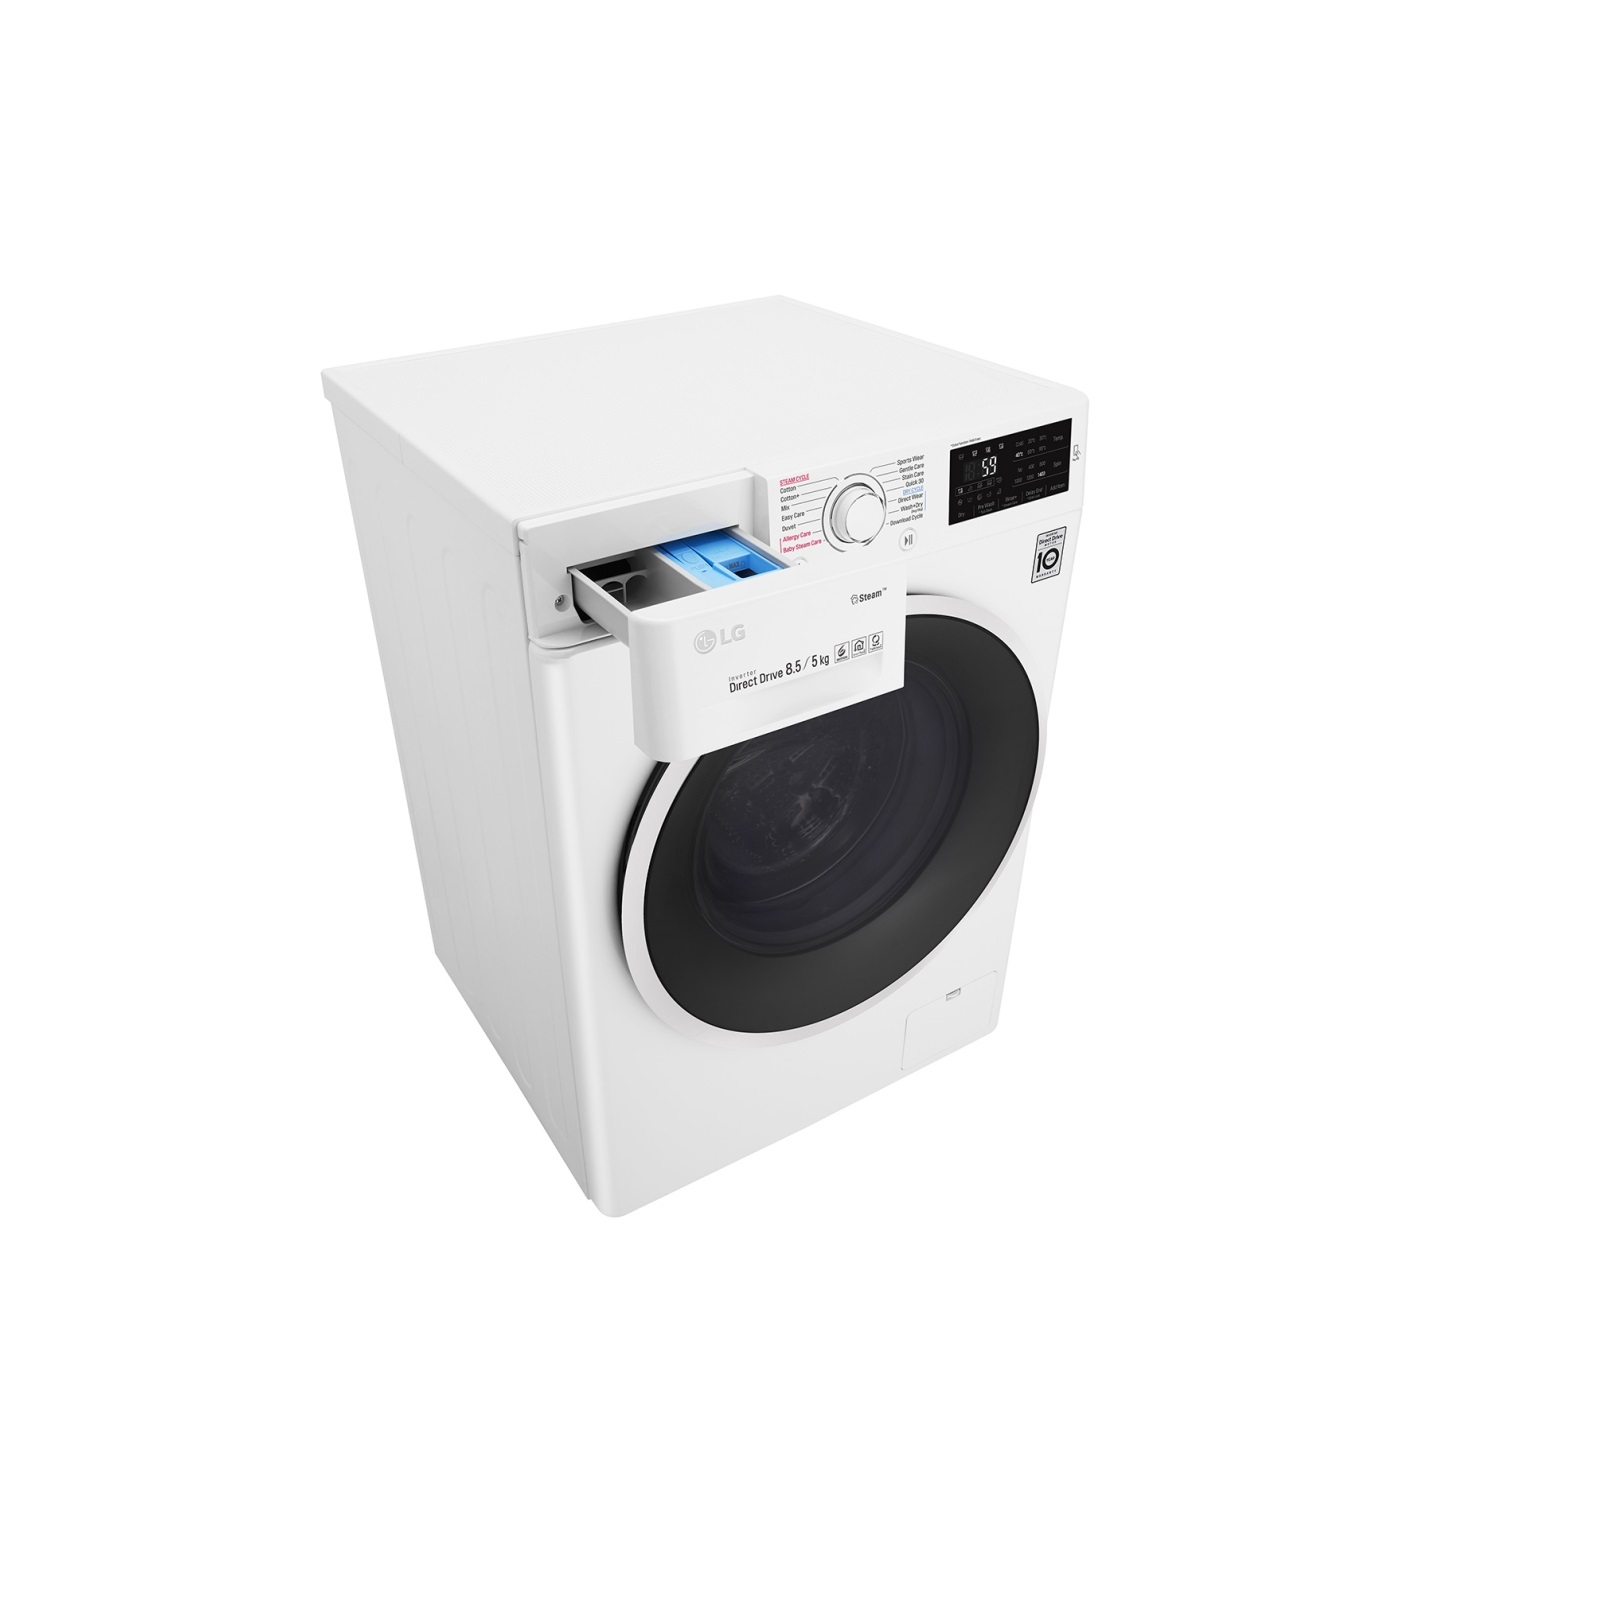 Máy Giặt Sấy LG Inverter 8 kg FC1408D4W - Hàng Chính Hãng